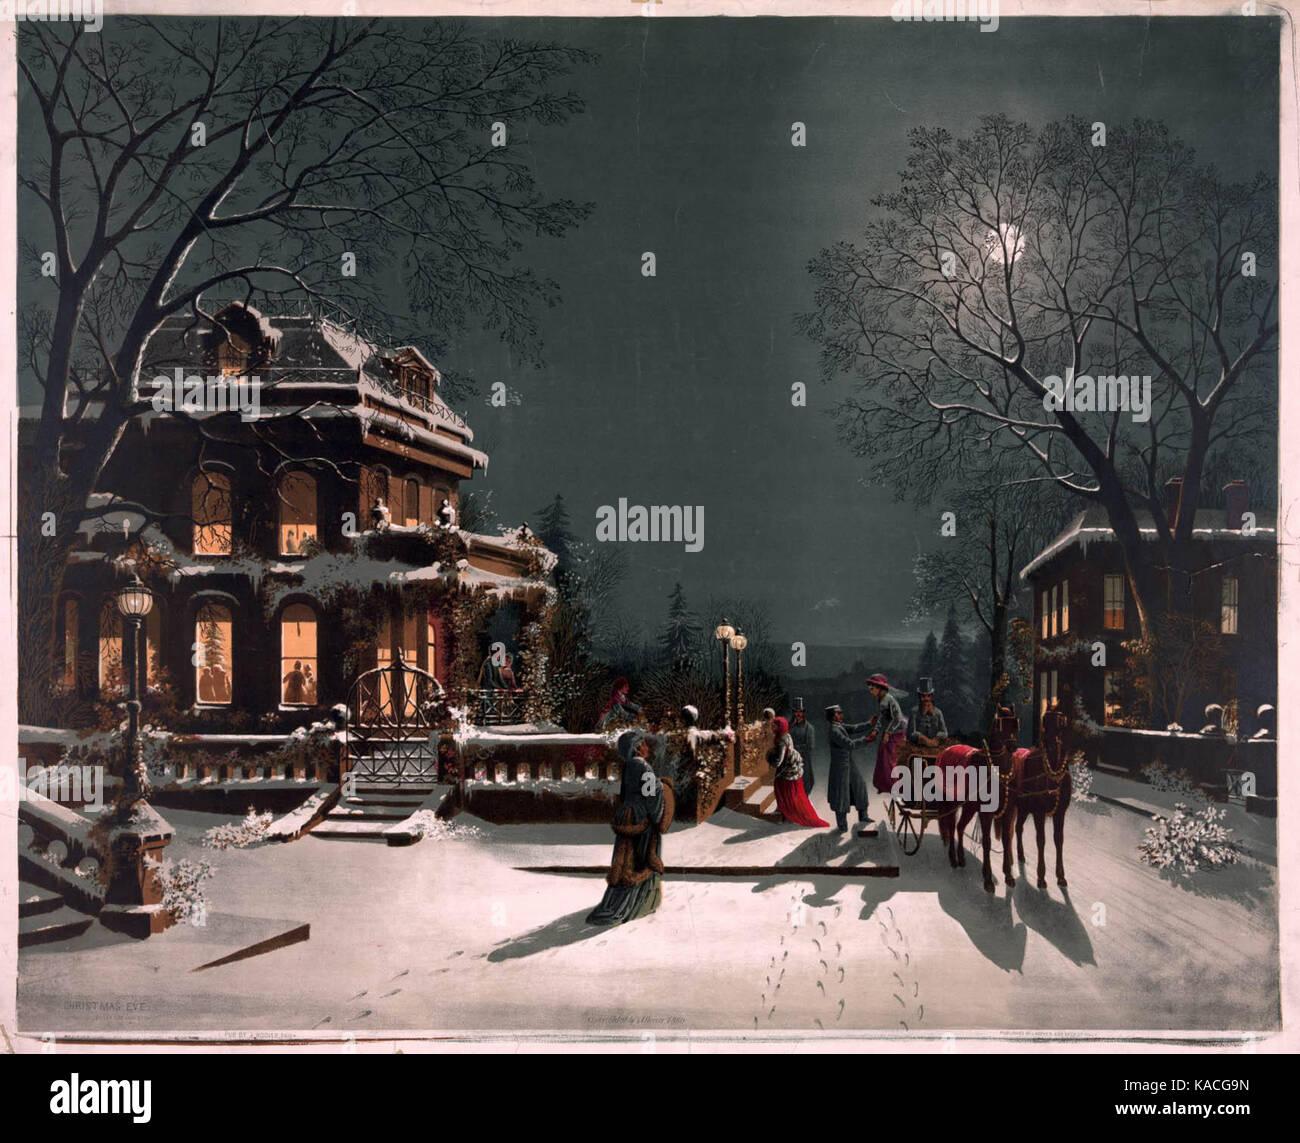 Dalla regina vestita da uomo al veglione della lollo: Cartolina Di Natale Vintage Immagini E Fotos Stock Alamy